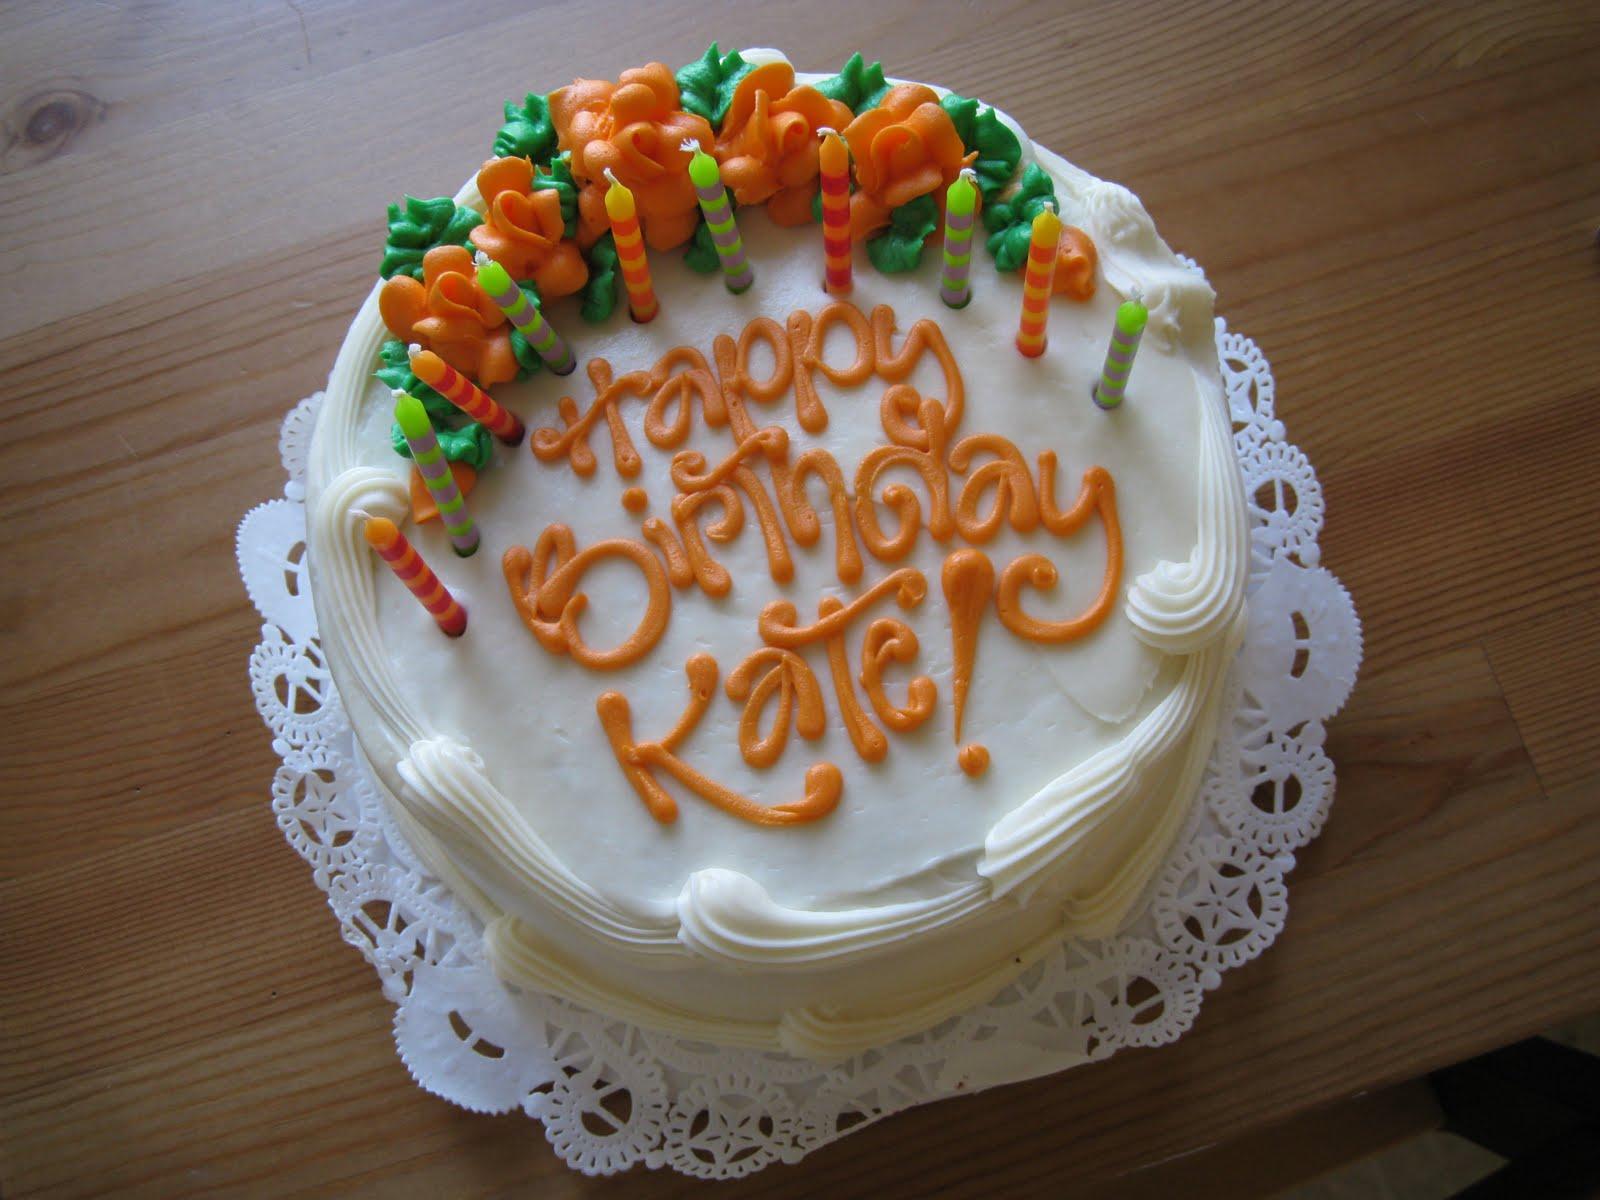 Carrot Cake Yum